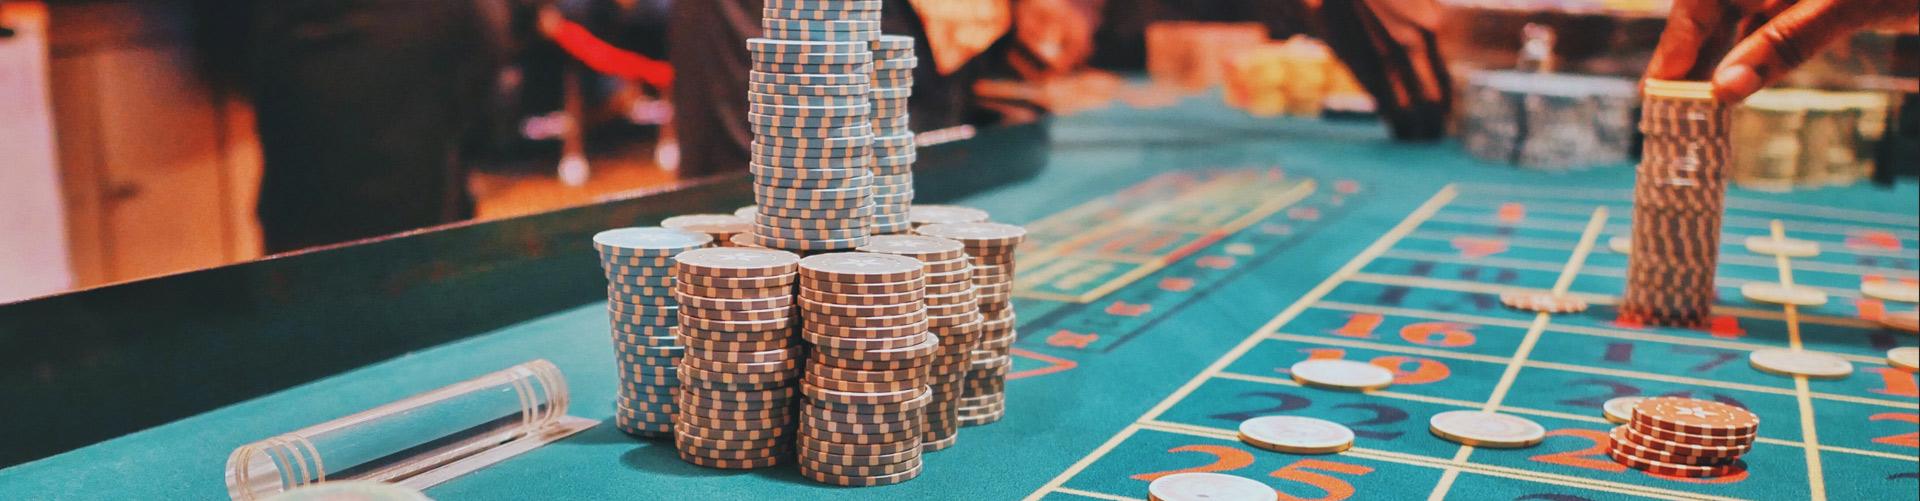 Casino med snabba uttag bakgrund